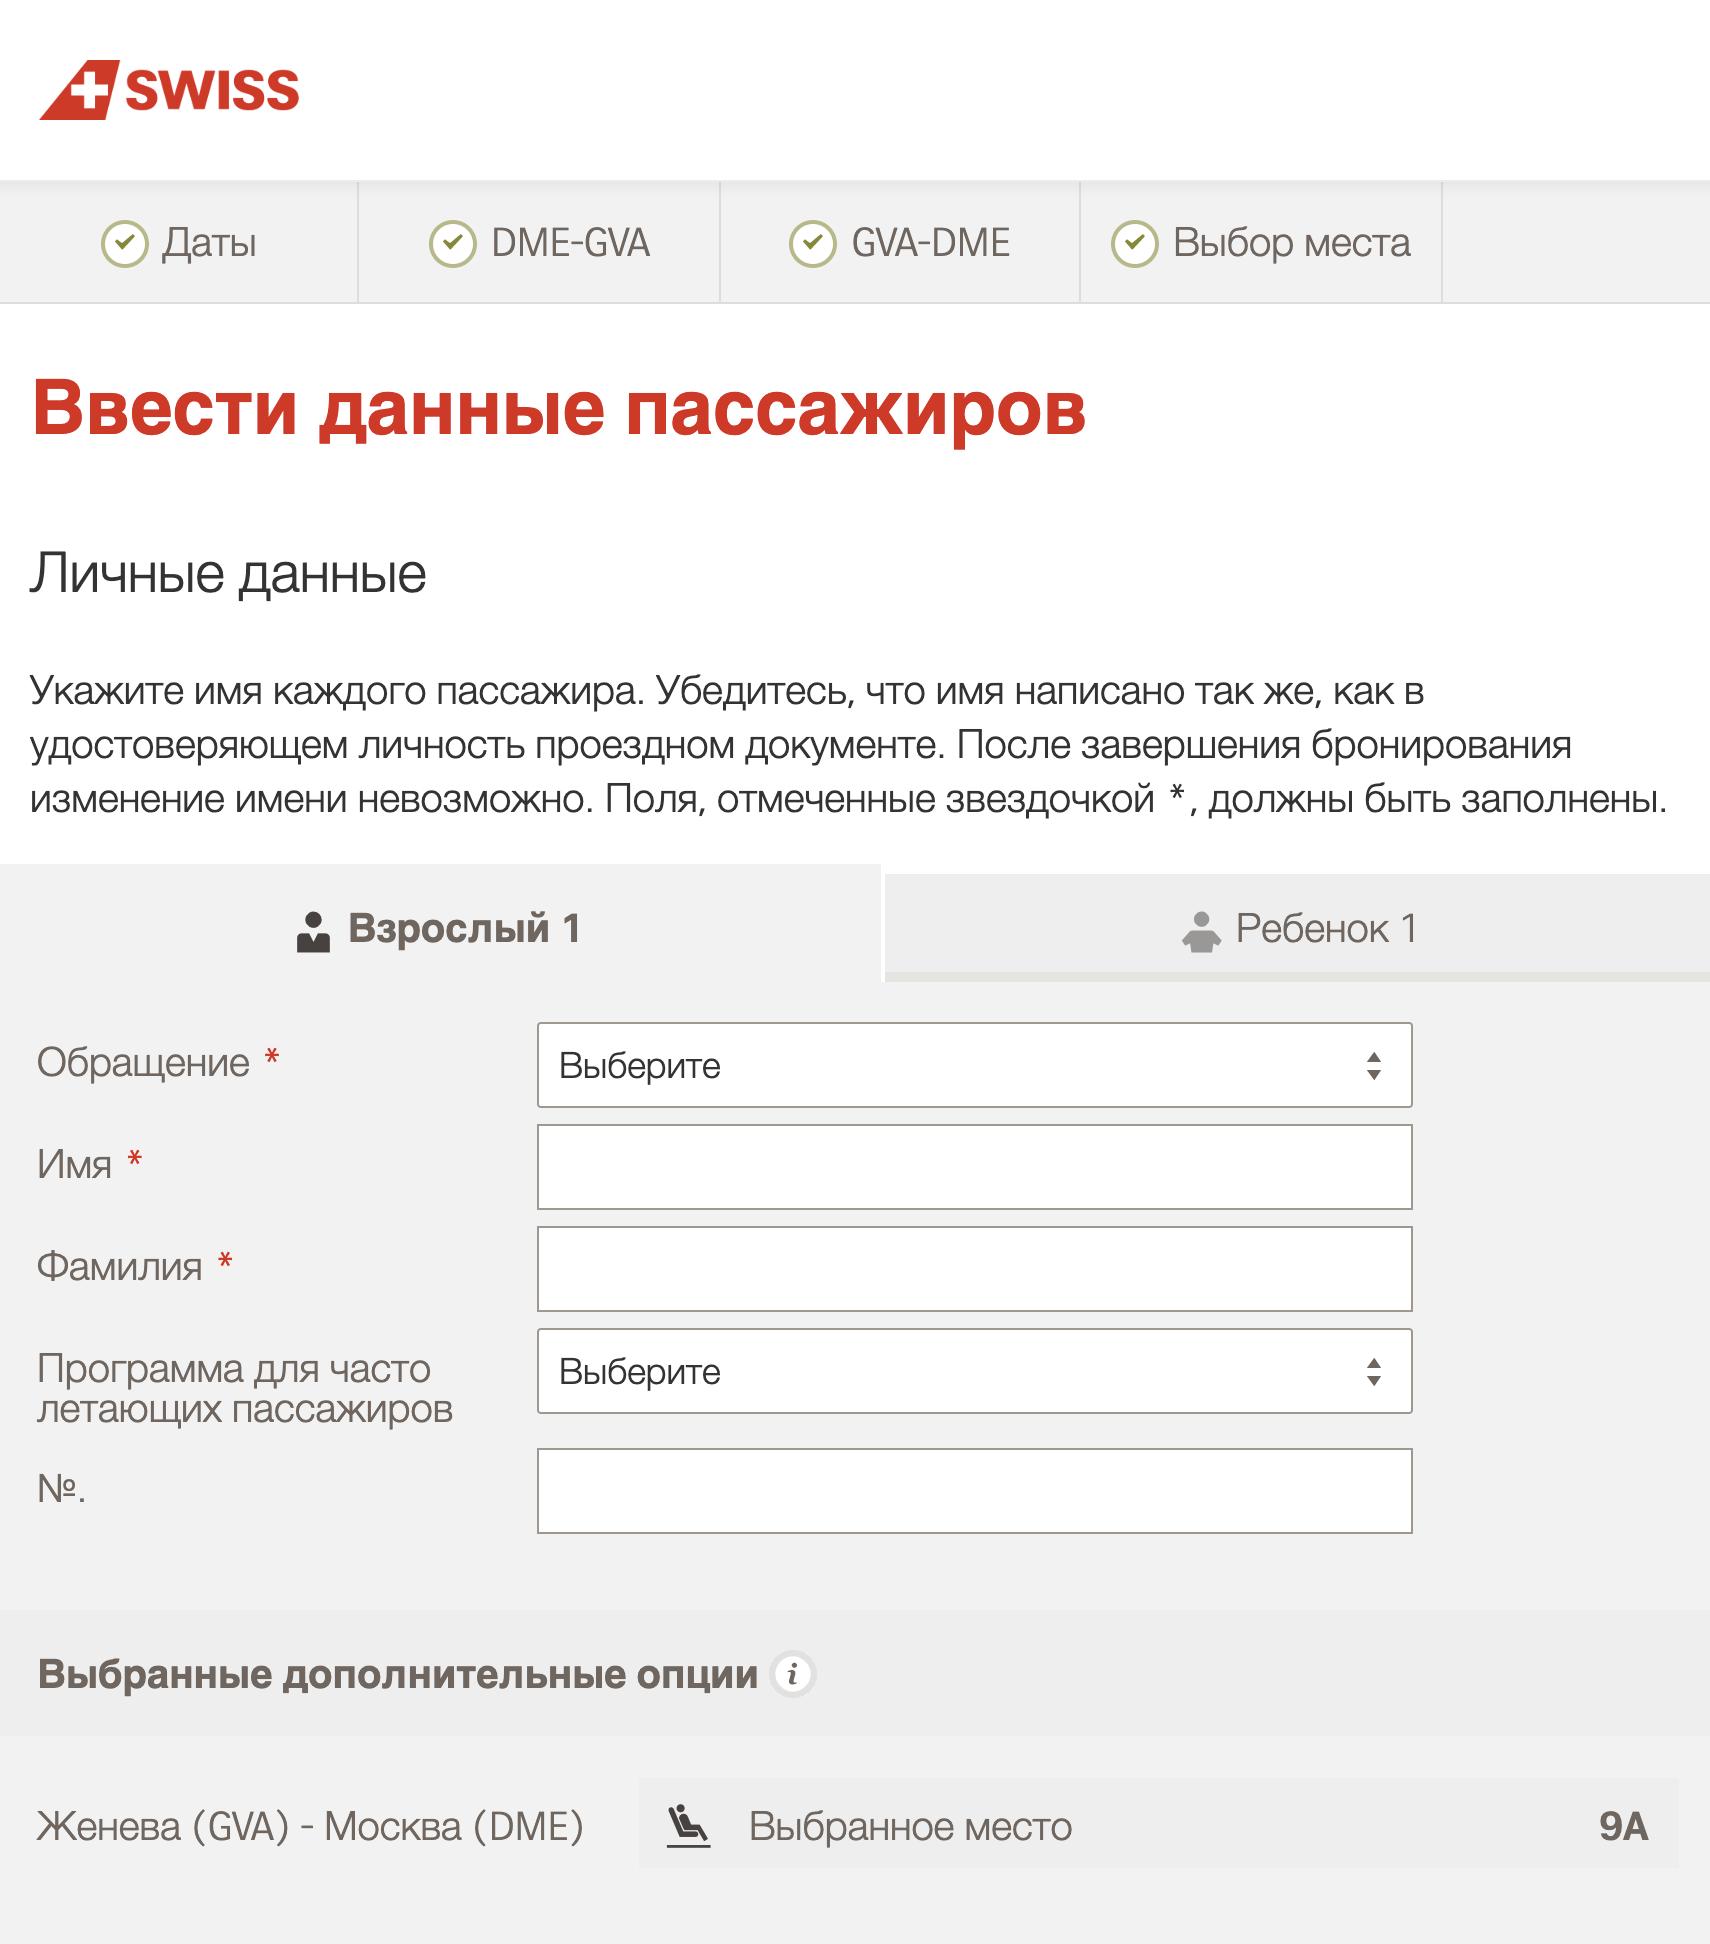 На сайте Swiss данные проездного документа, чтобы купить билет, не нужны